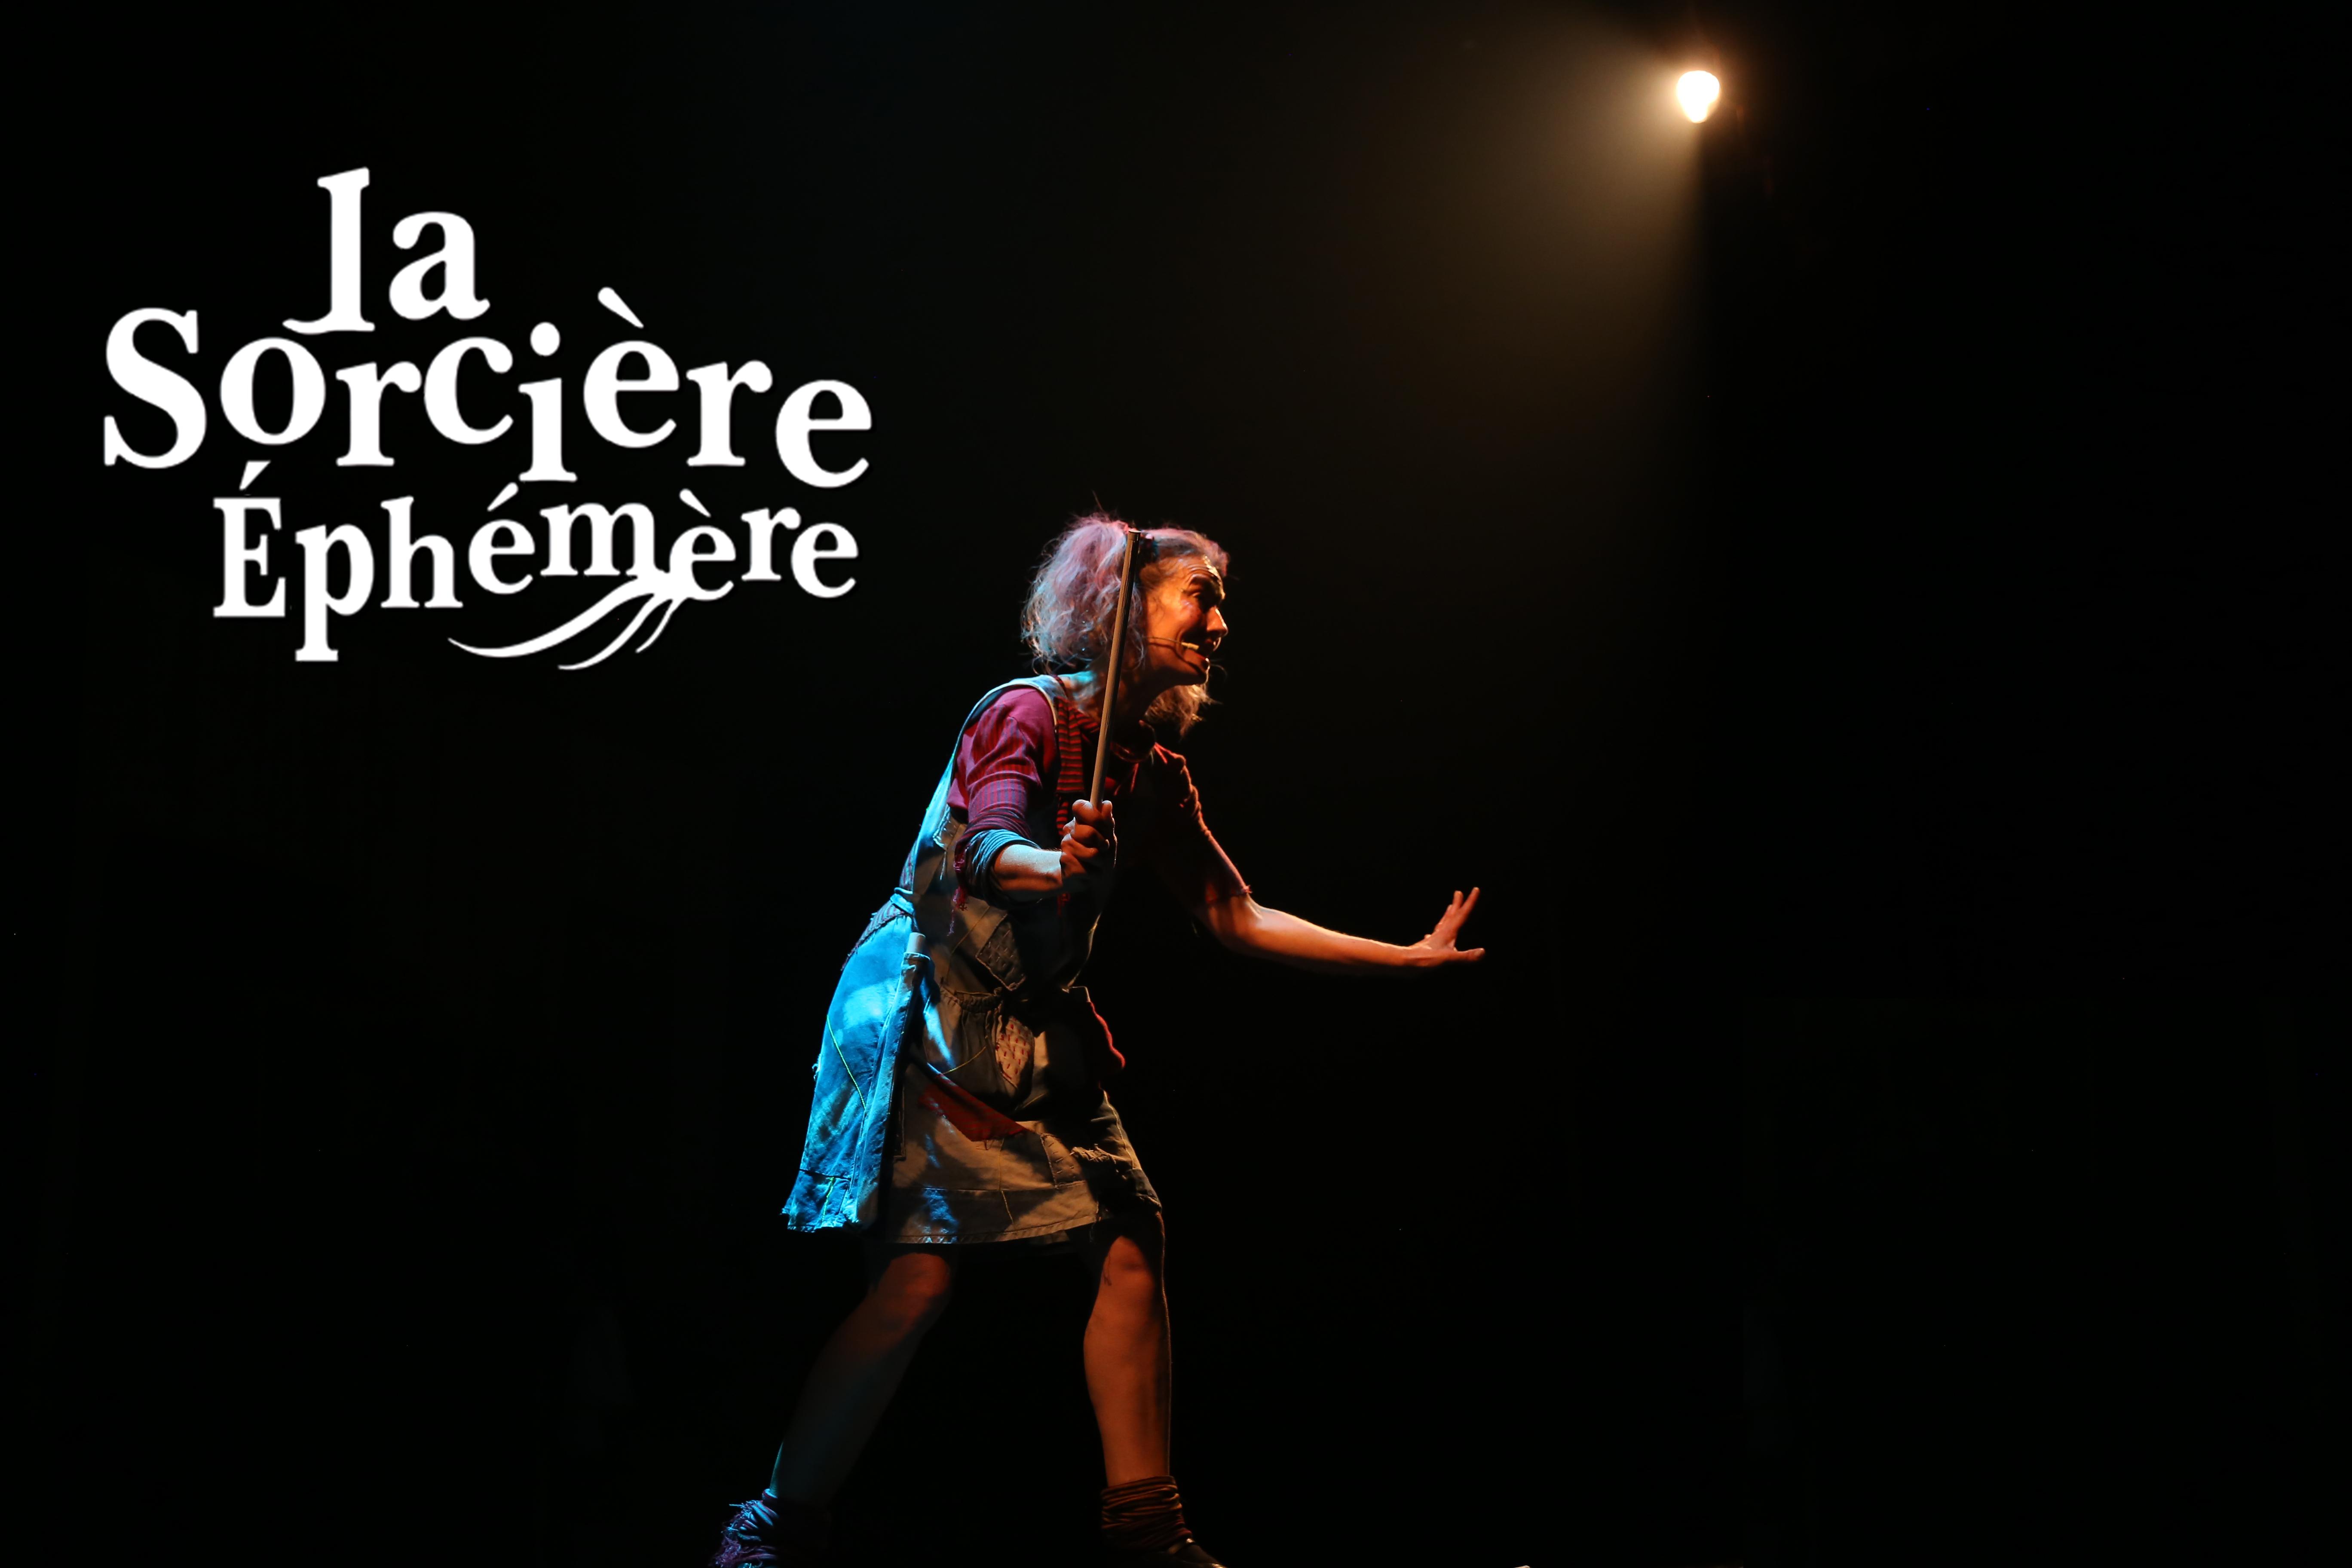 La Sorcière Ephémère au Festival OFF Avignon 2018 fmr2